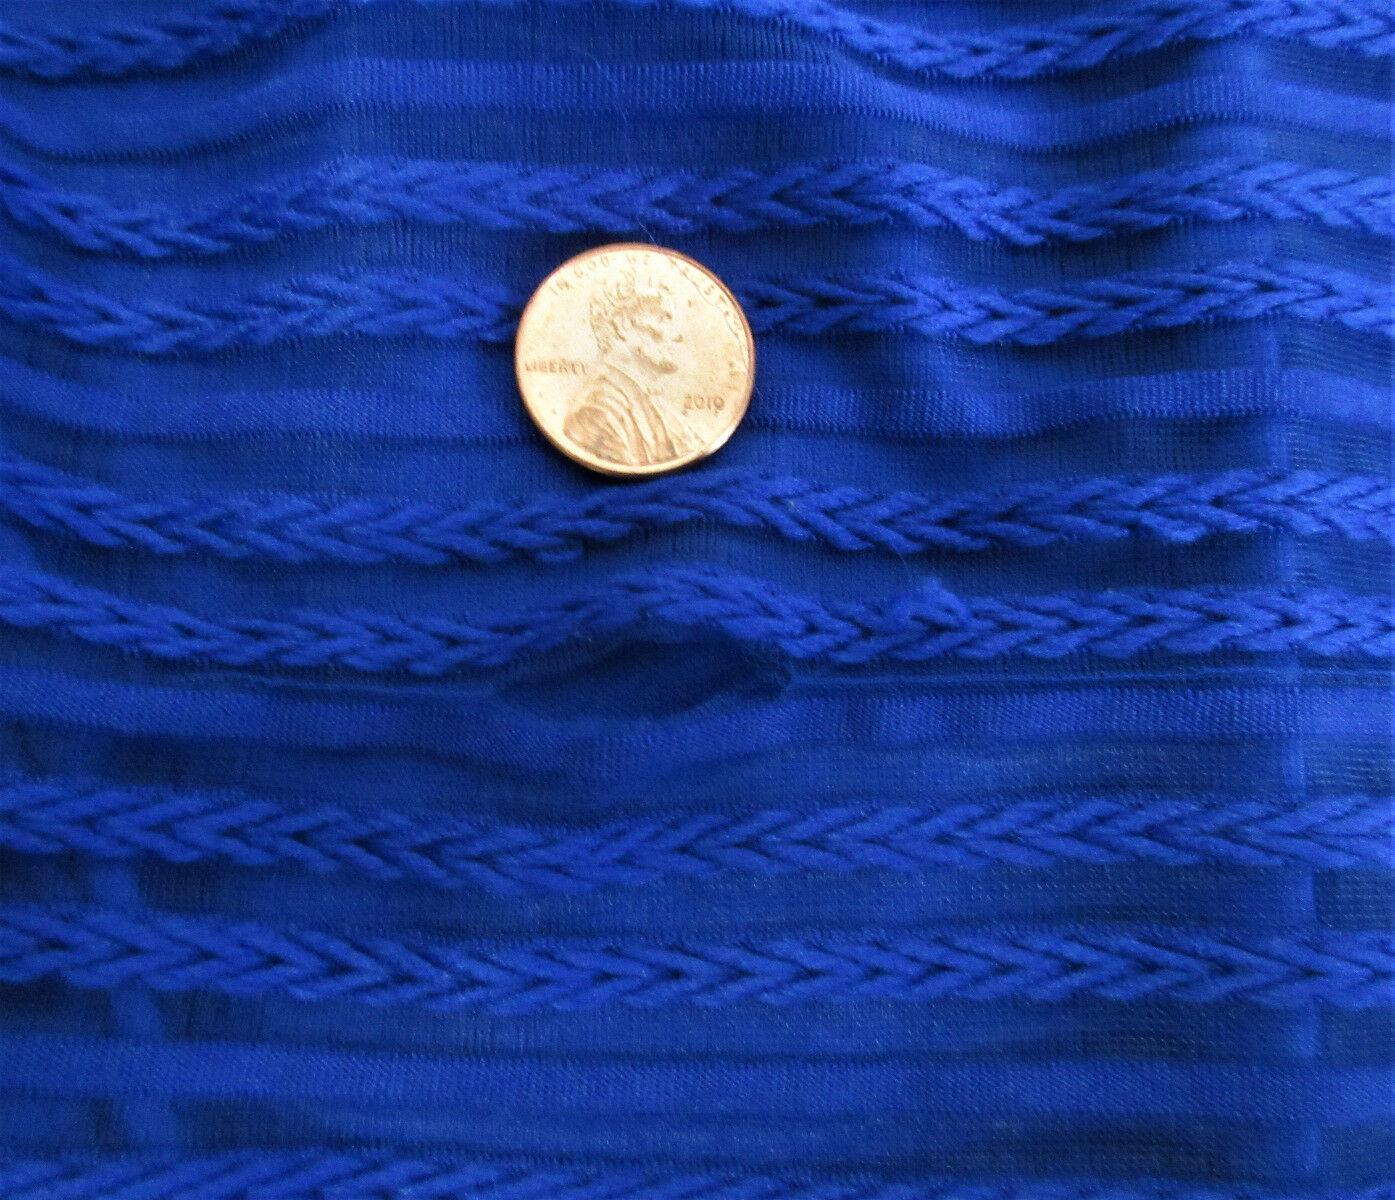 Calvin Klein Women's Stretch Textured Shirt- Regatta (Blue) Size: Large image 3